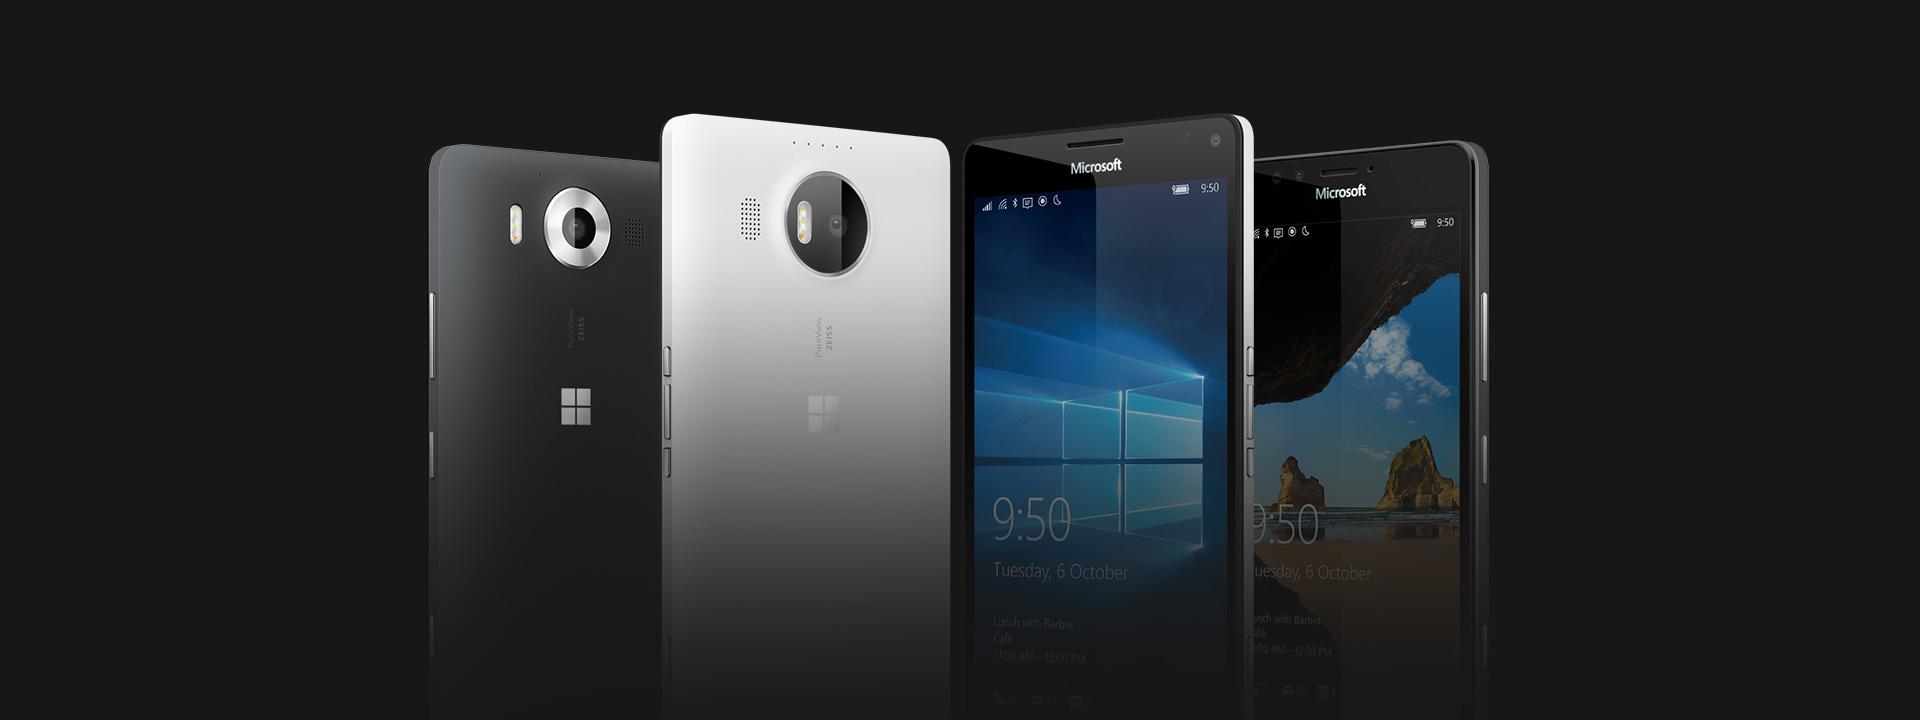 Lumia 950 and Lumia 950 XL, shop now